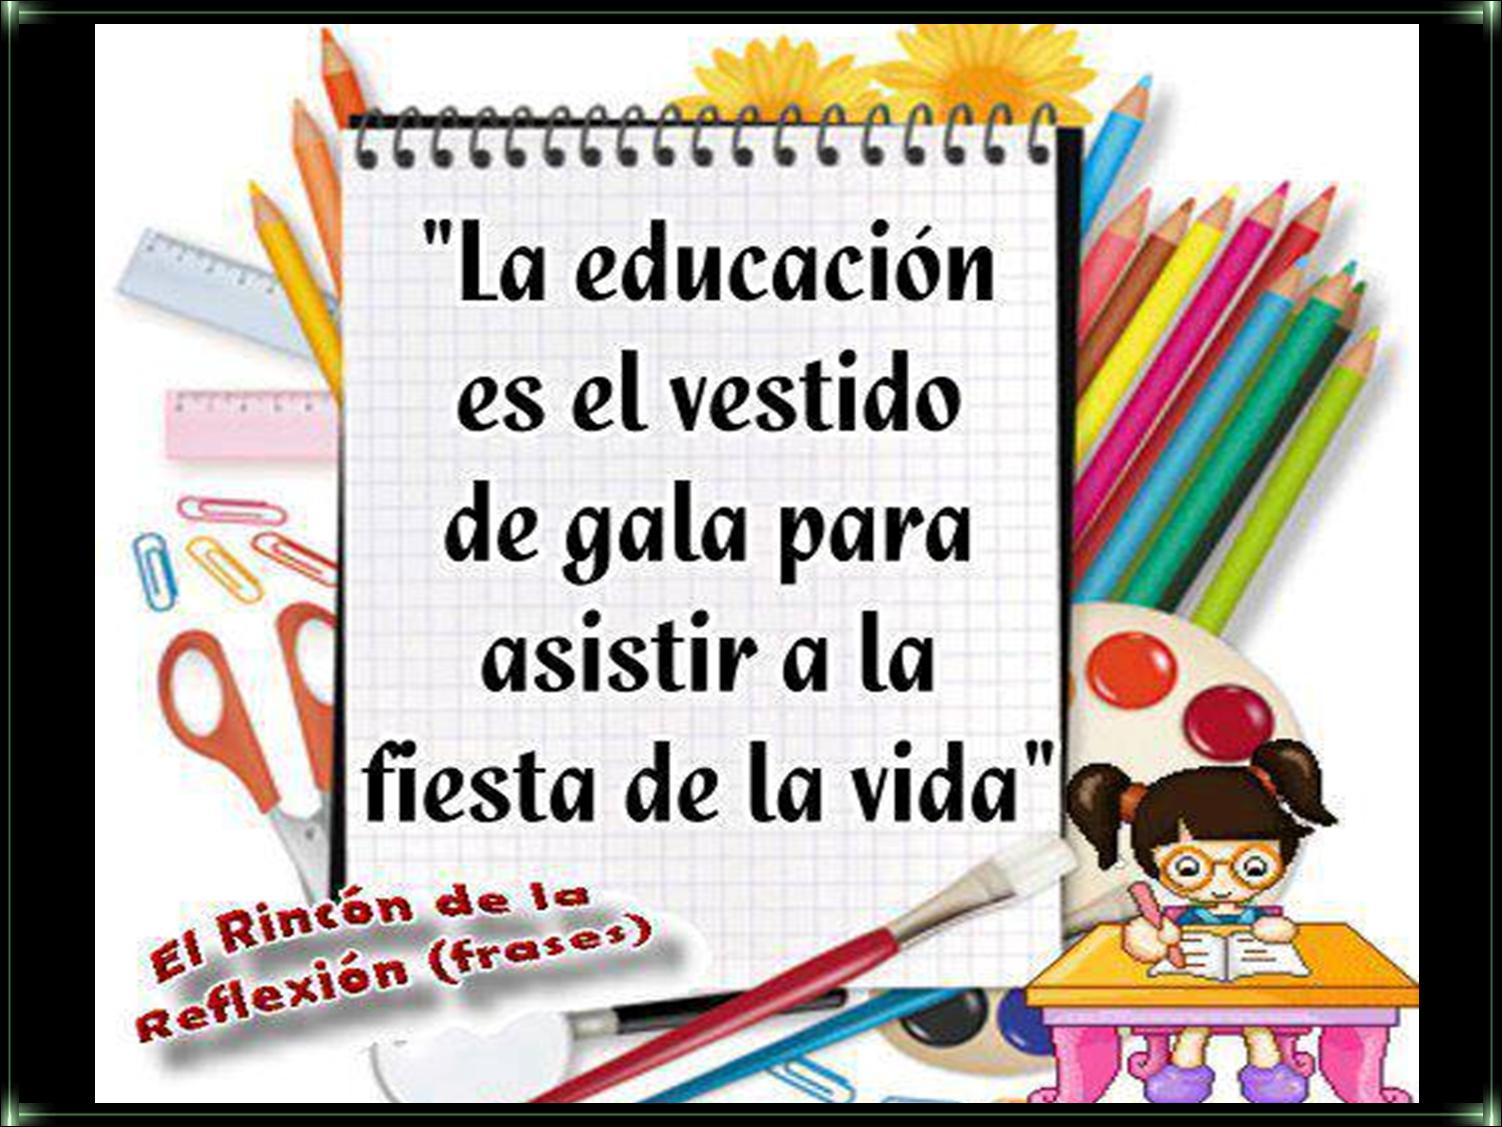 maestro a la zona de aprendizaje.: FRASES Y REFLEXIONES PARA MAESTROS